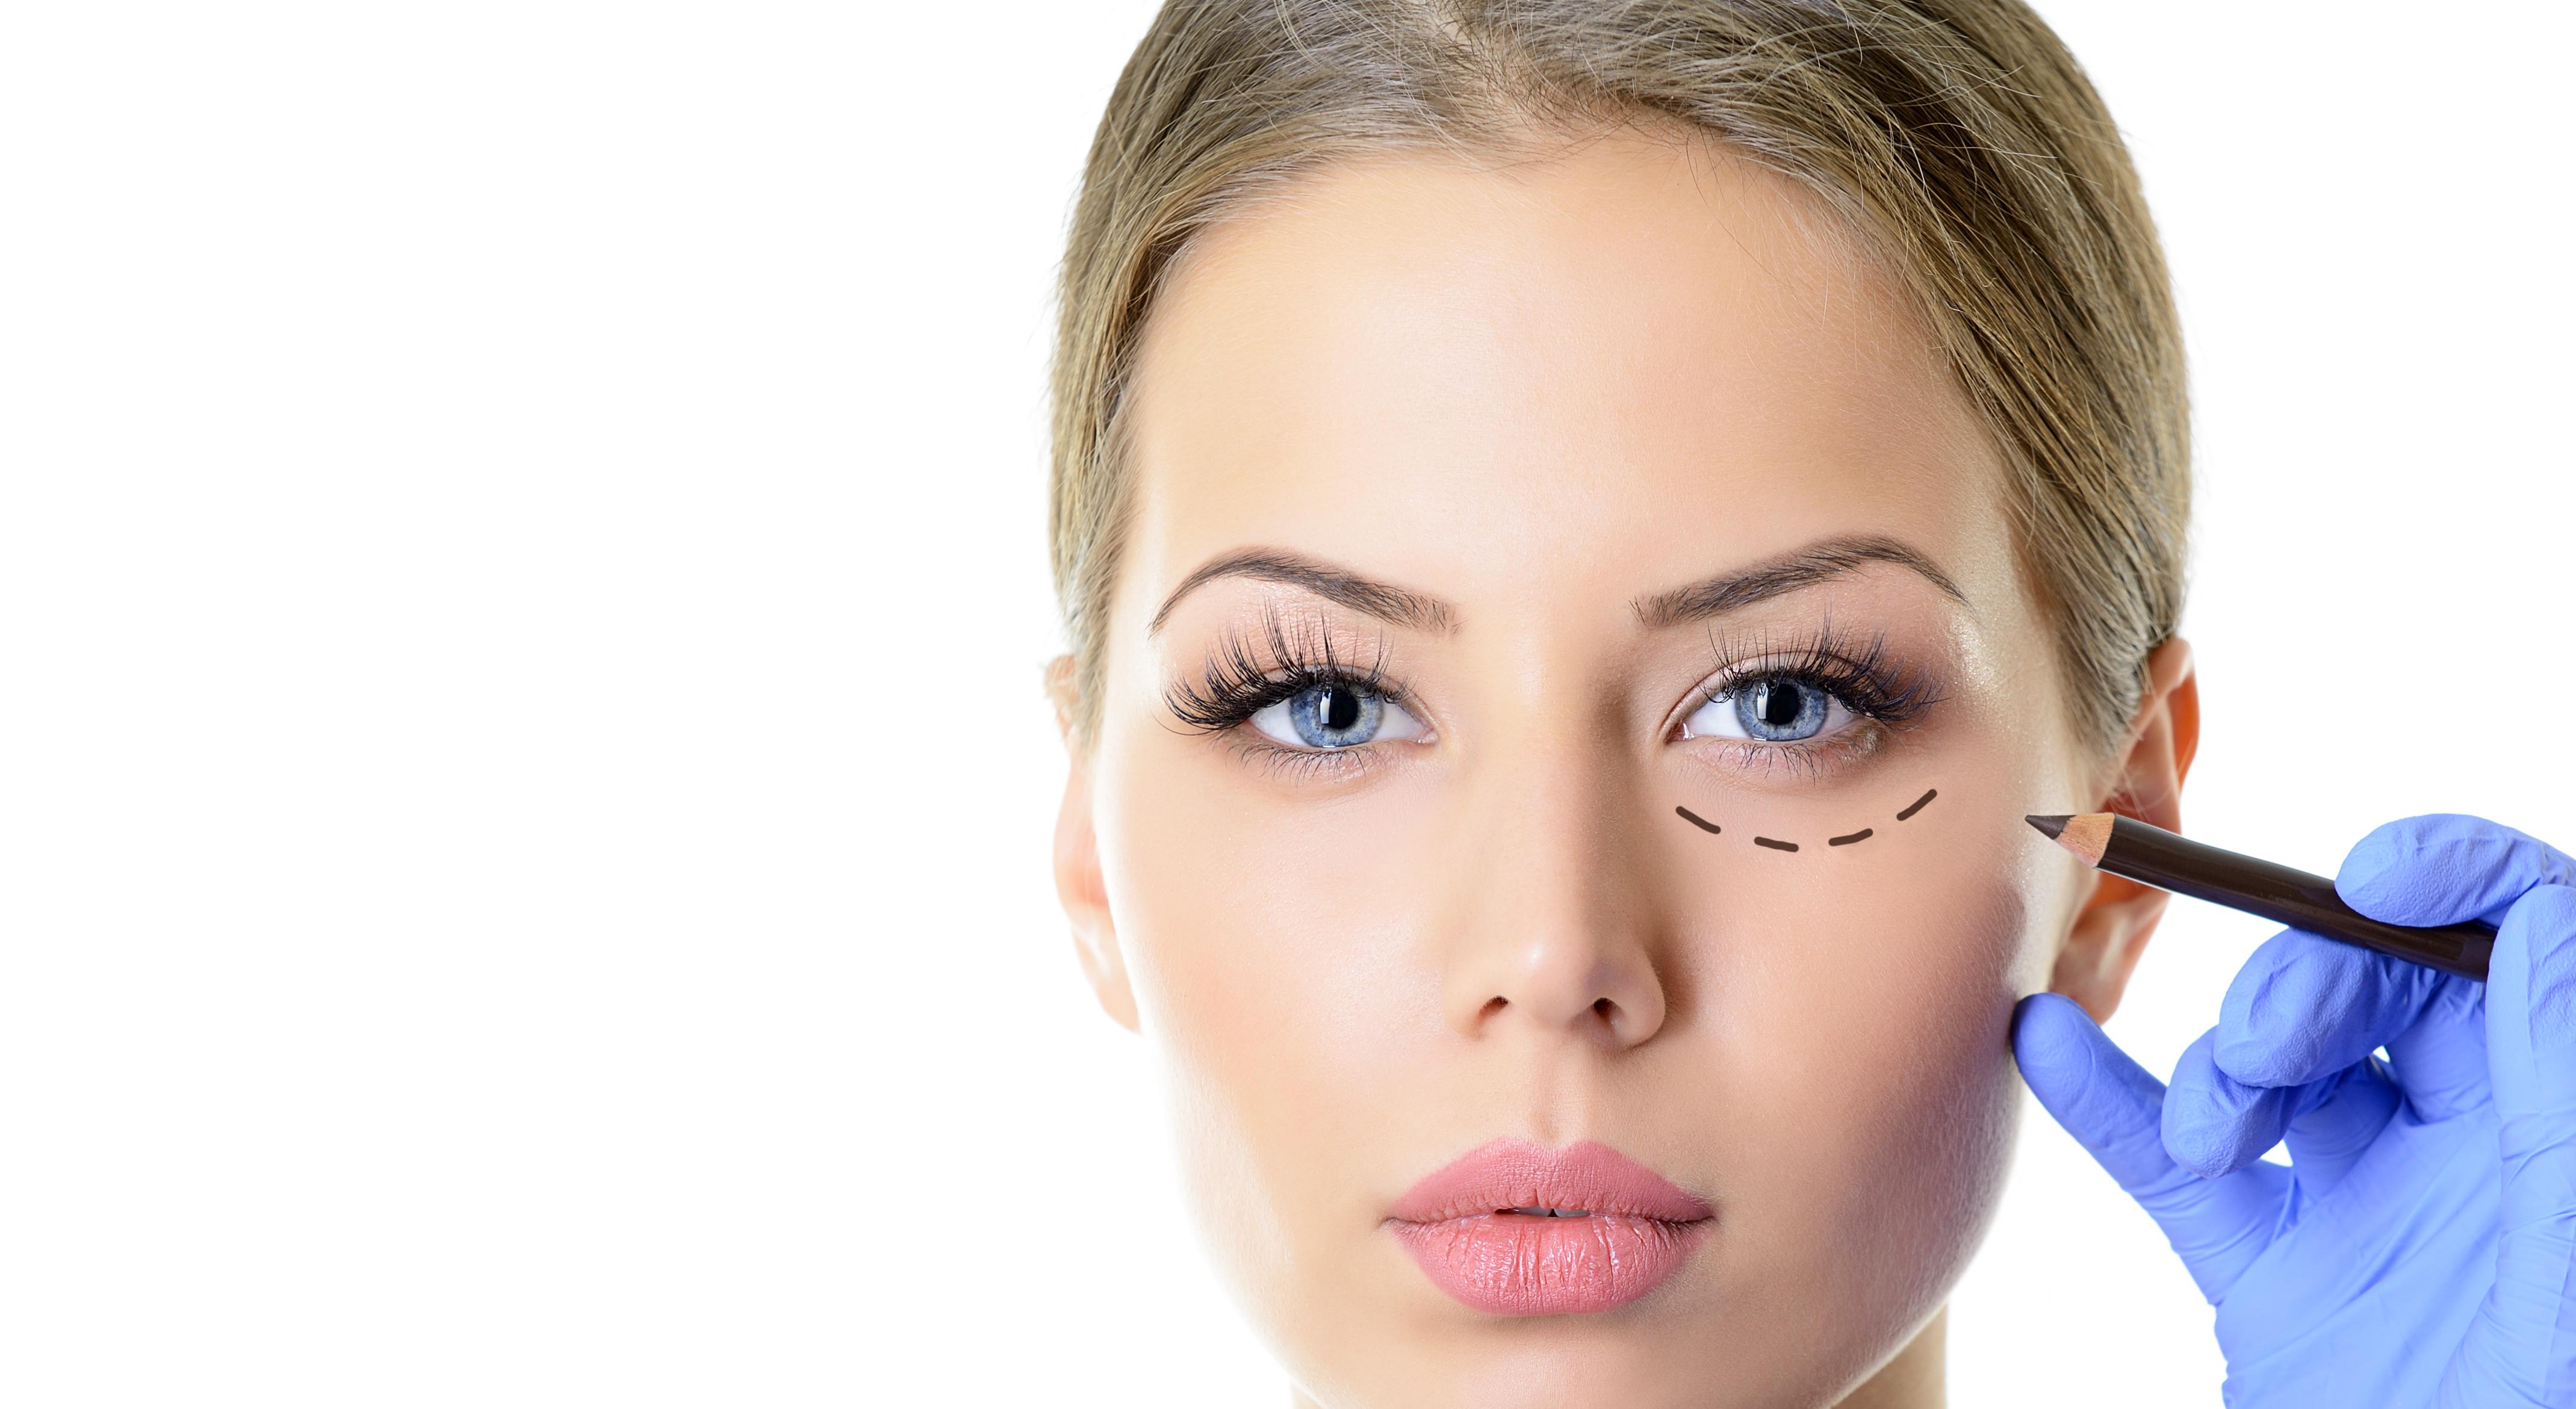 Lasik vs Blepharoplasty (Eyelid Surgery)